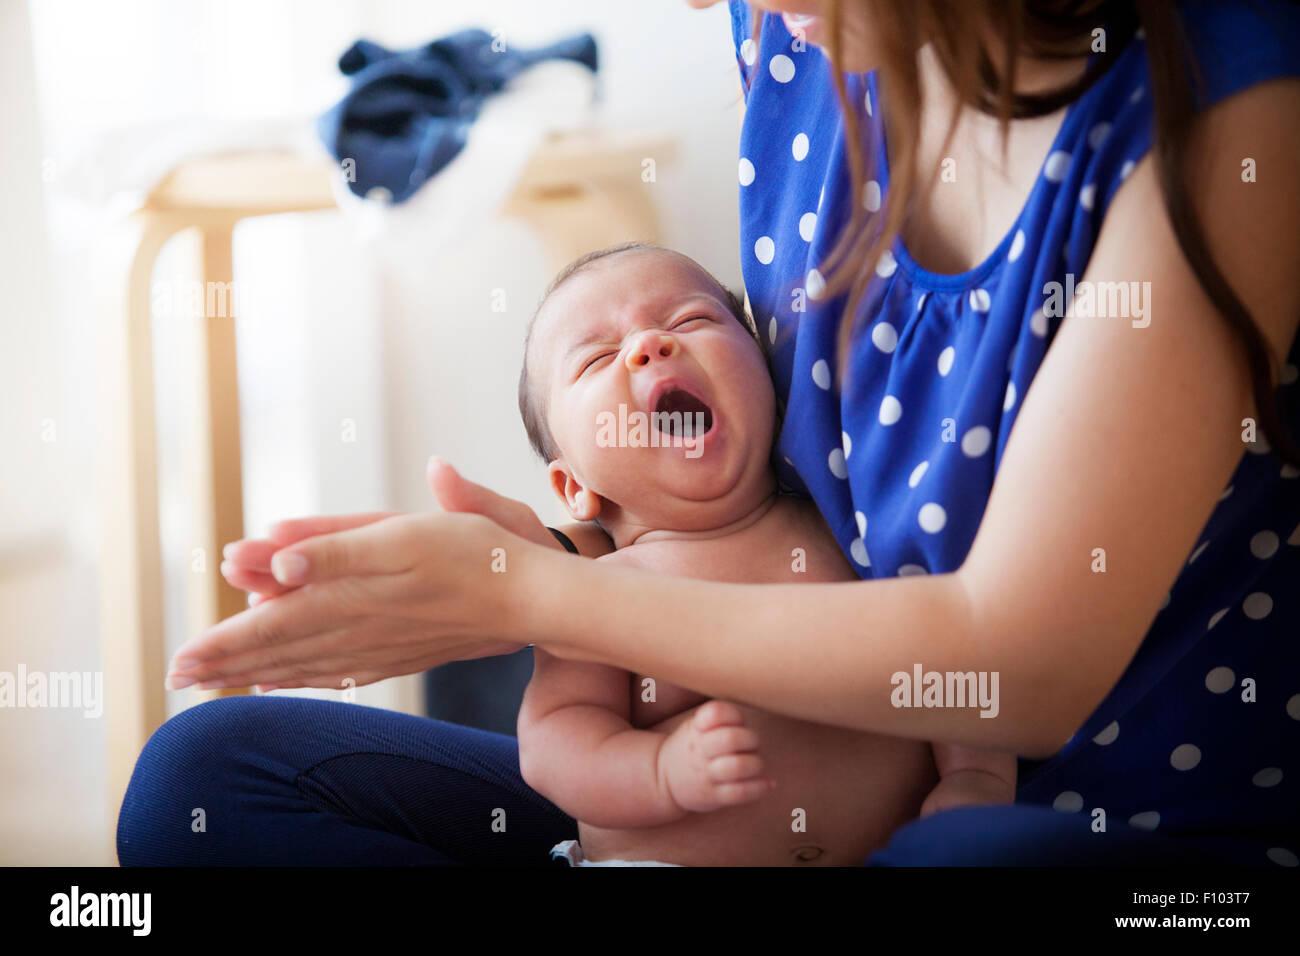 Recibiendo el masaje infantil Foto de stock